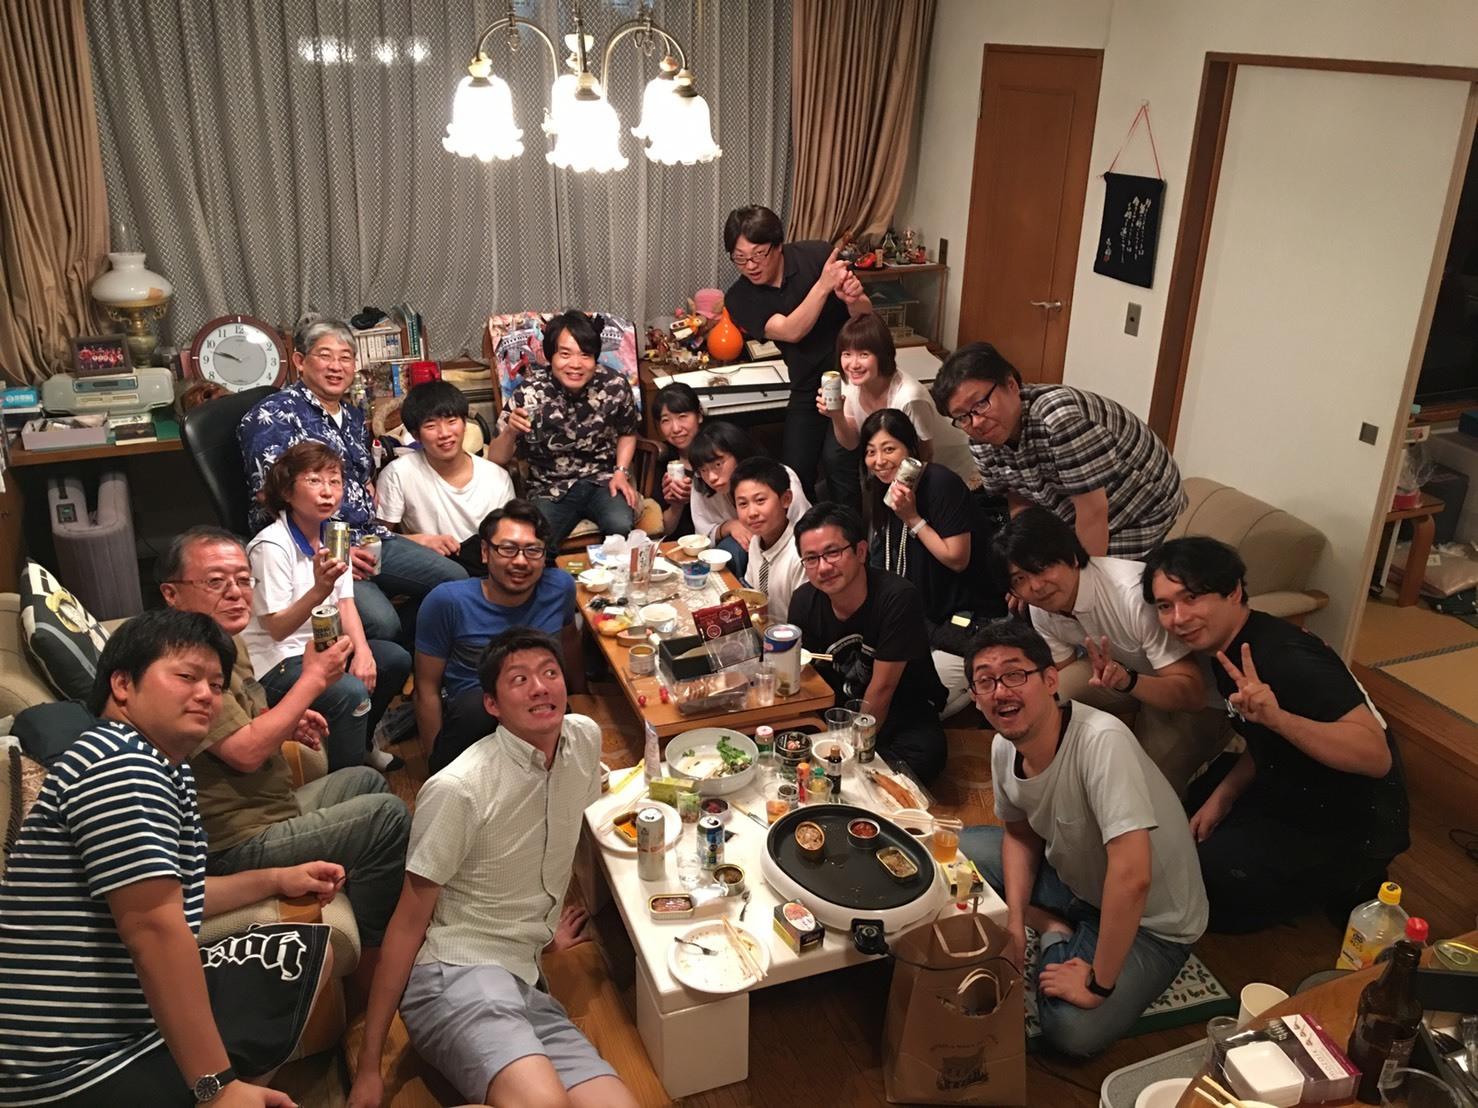 ワンピース飲み会!_a0163623_16394331.jpg